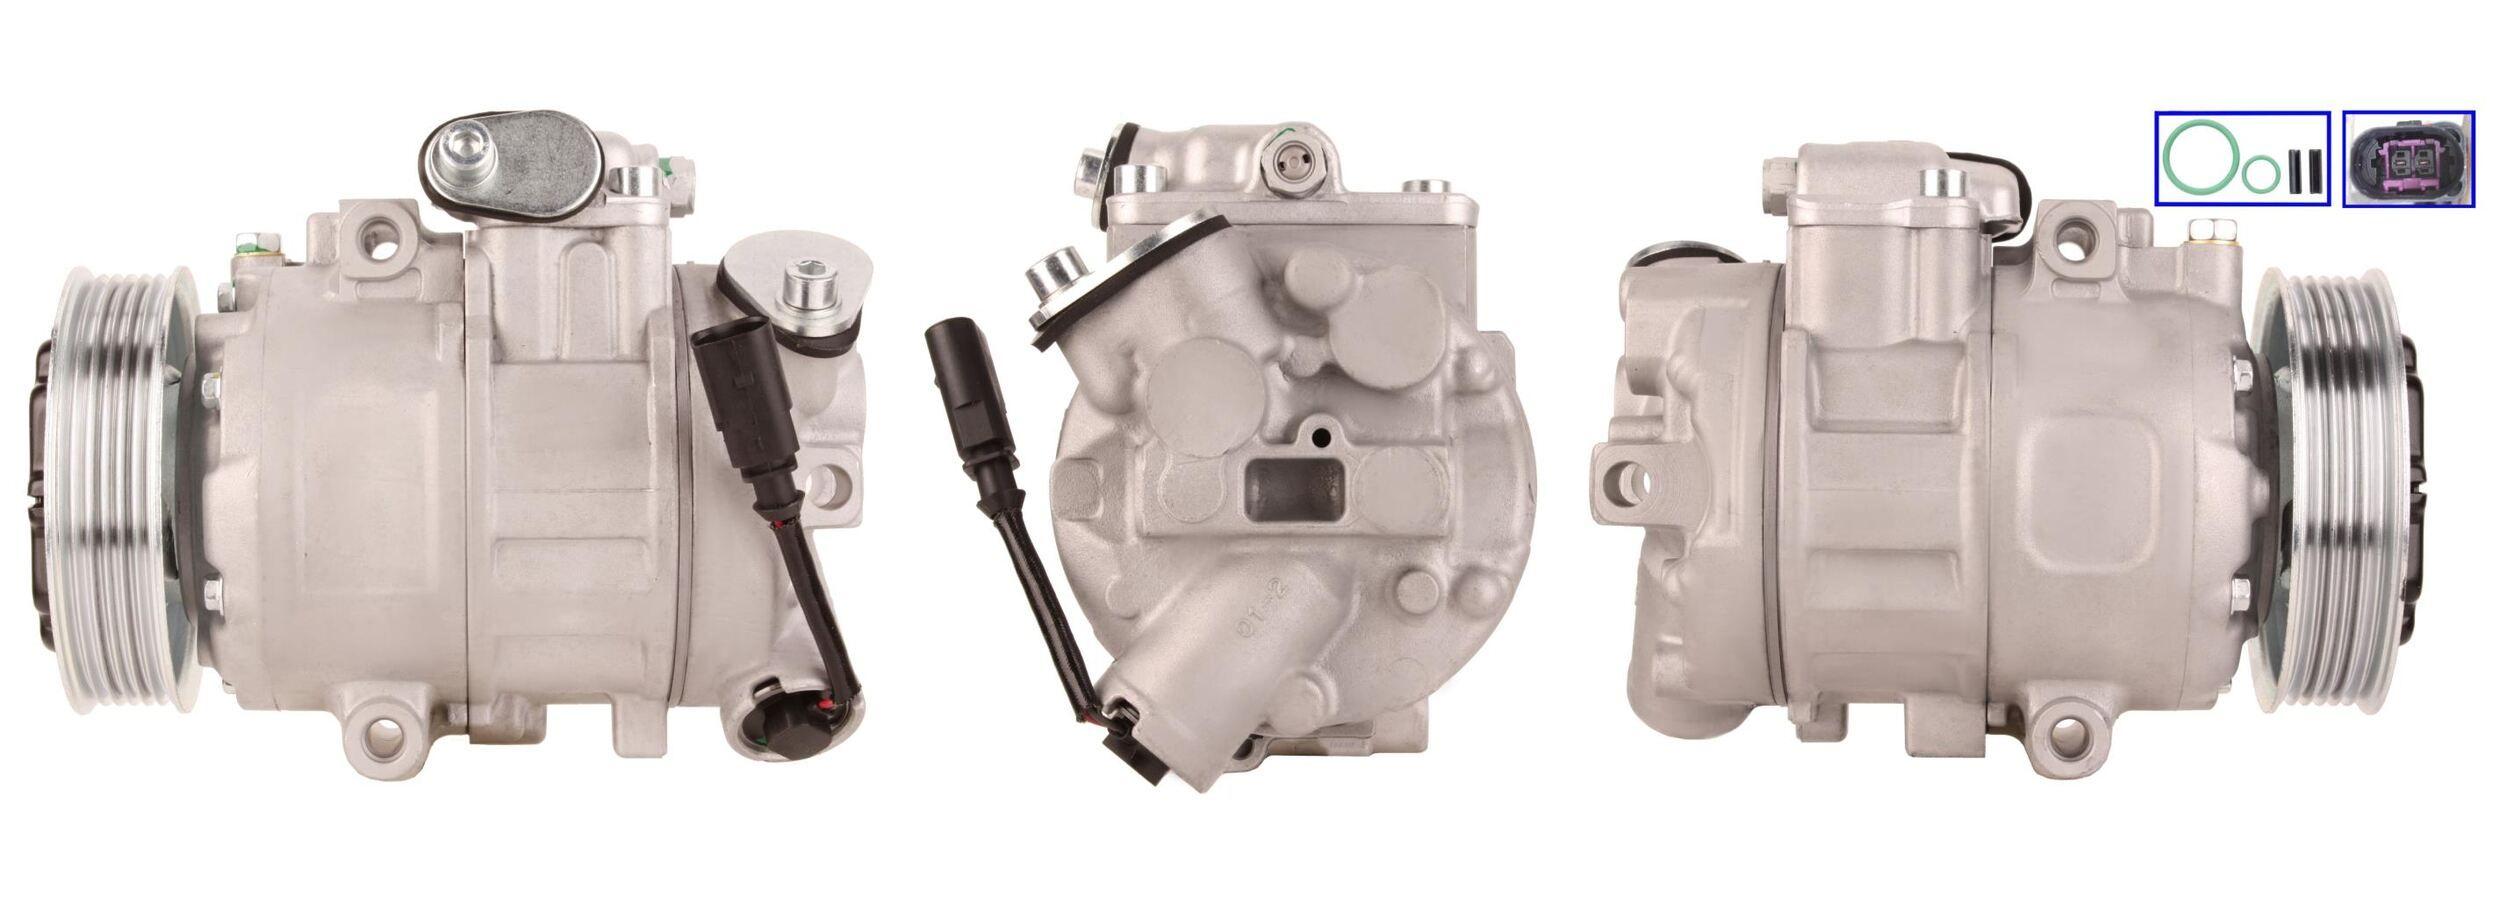 Original AUDI Kompressor 51-0132